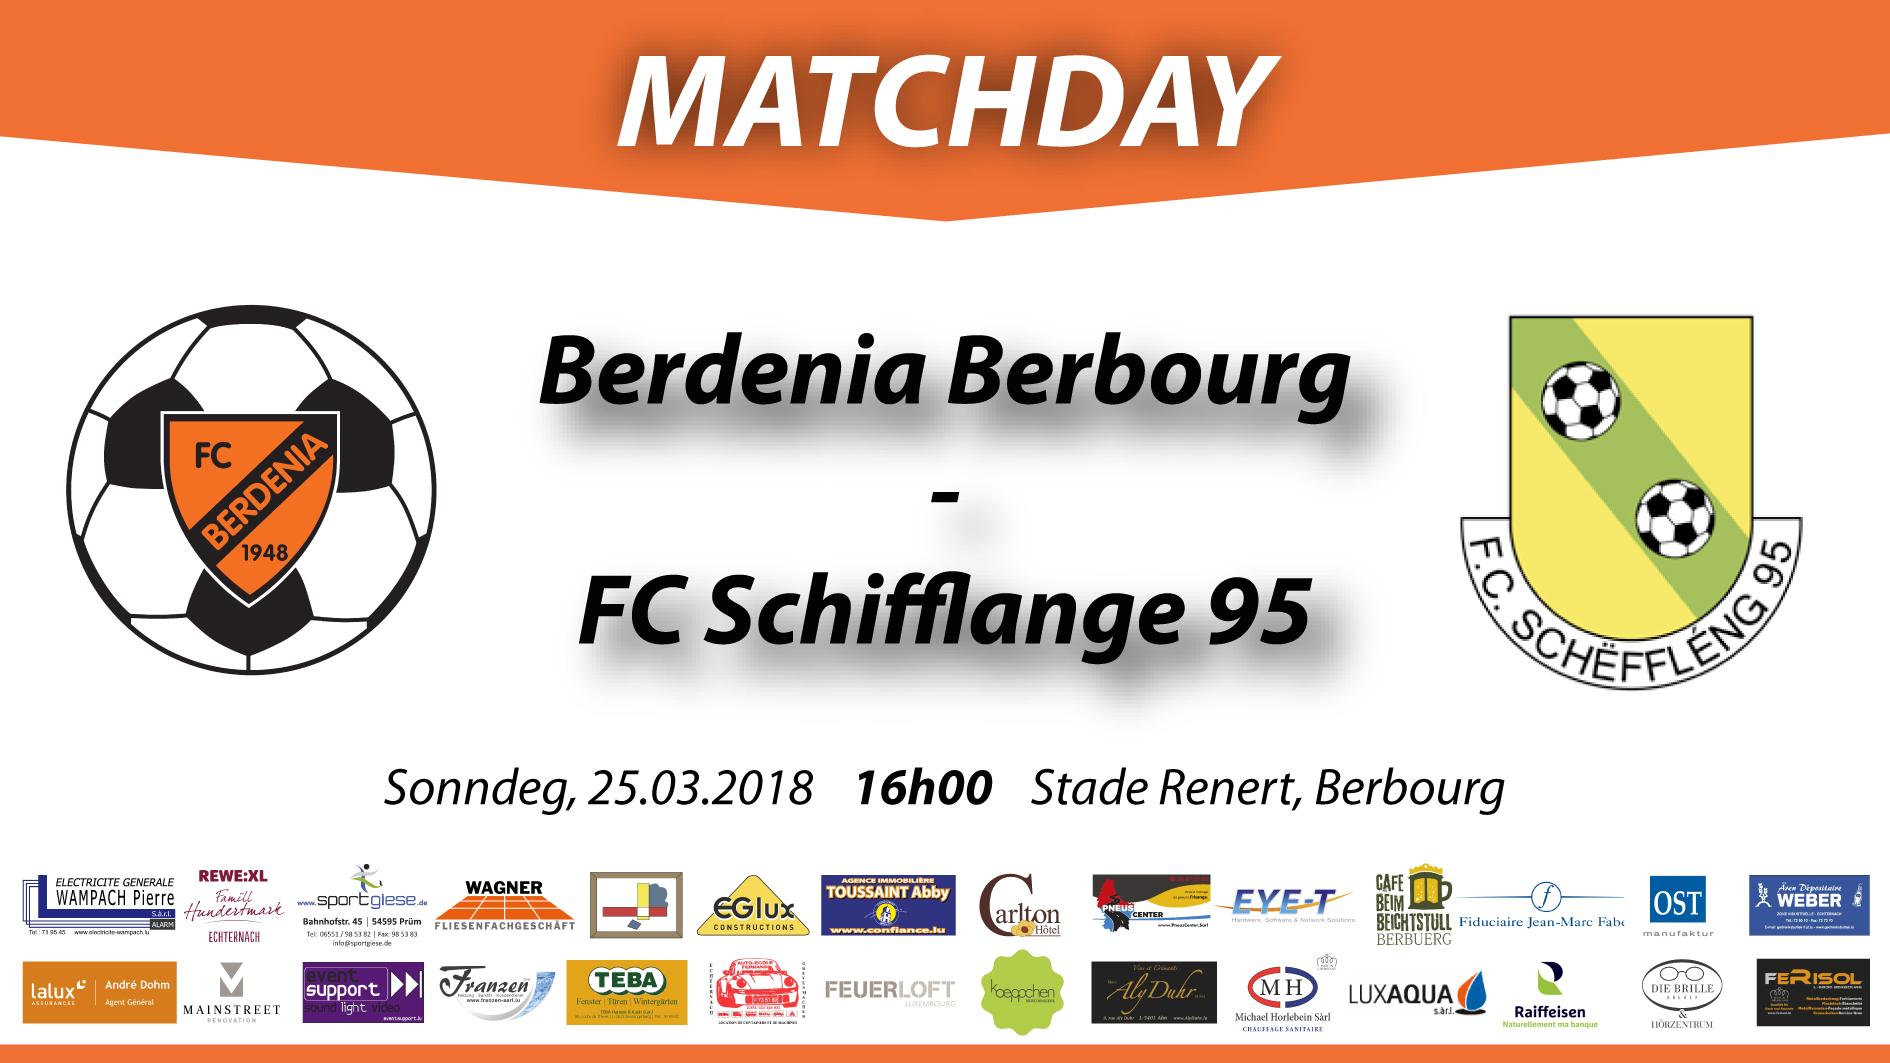 MATCHDAY: FC Berdenia Berbourg - FC Schifflange 95